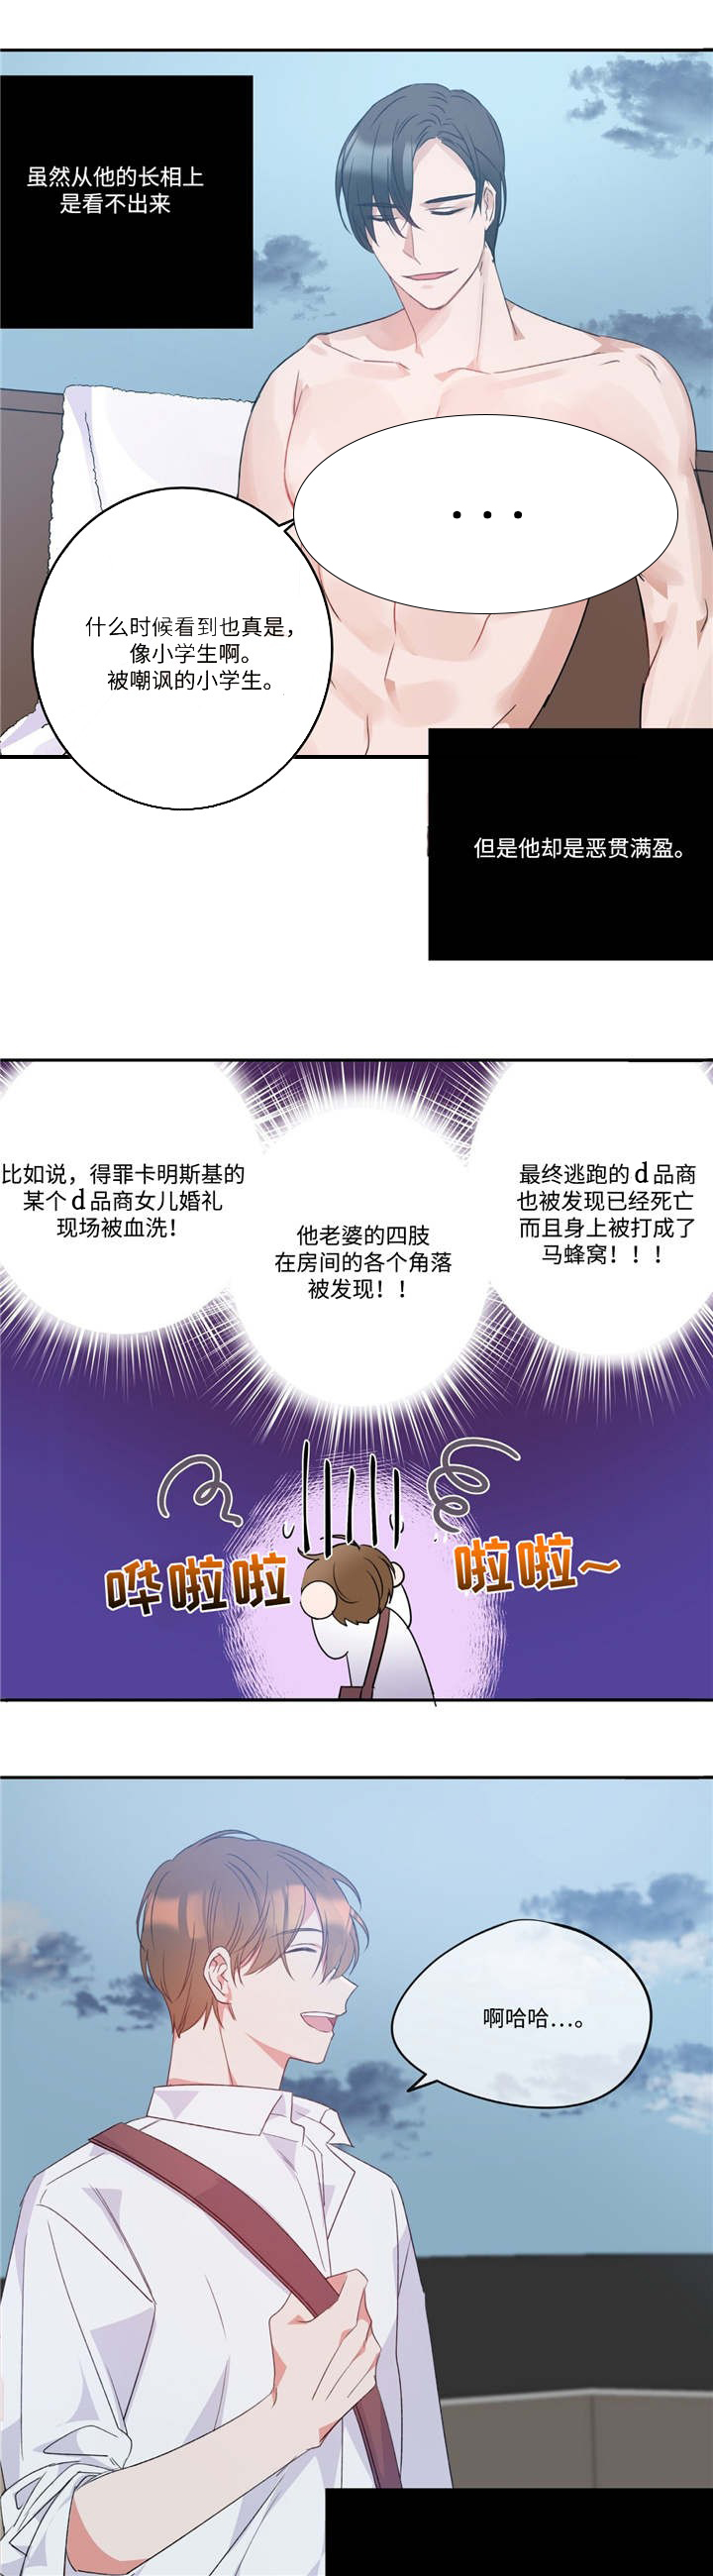 危险合作-漫画完整版汉化&已完结_全集免费阅读-啵乐漫画